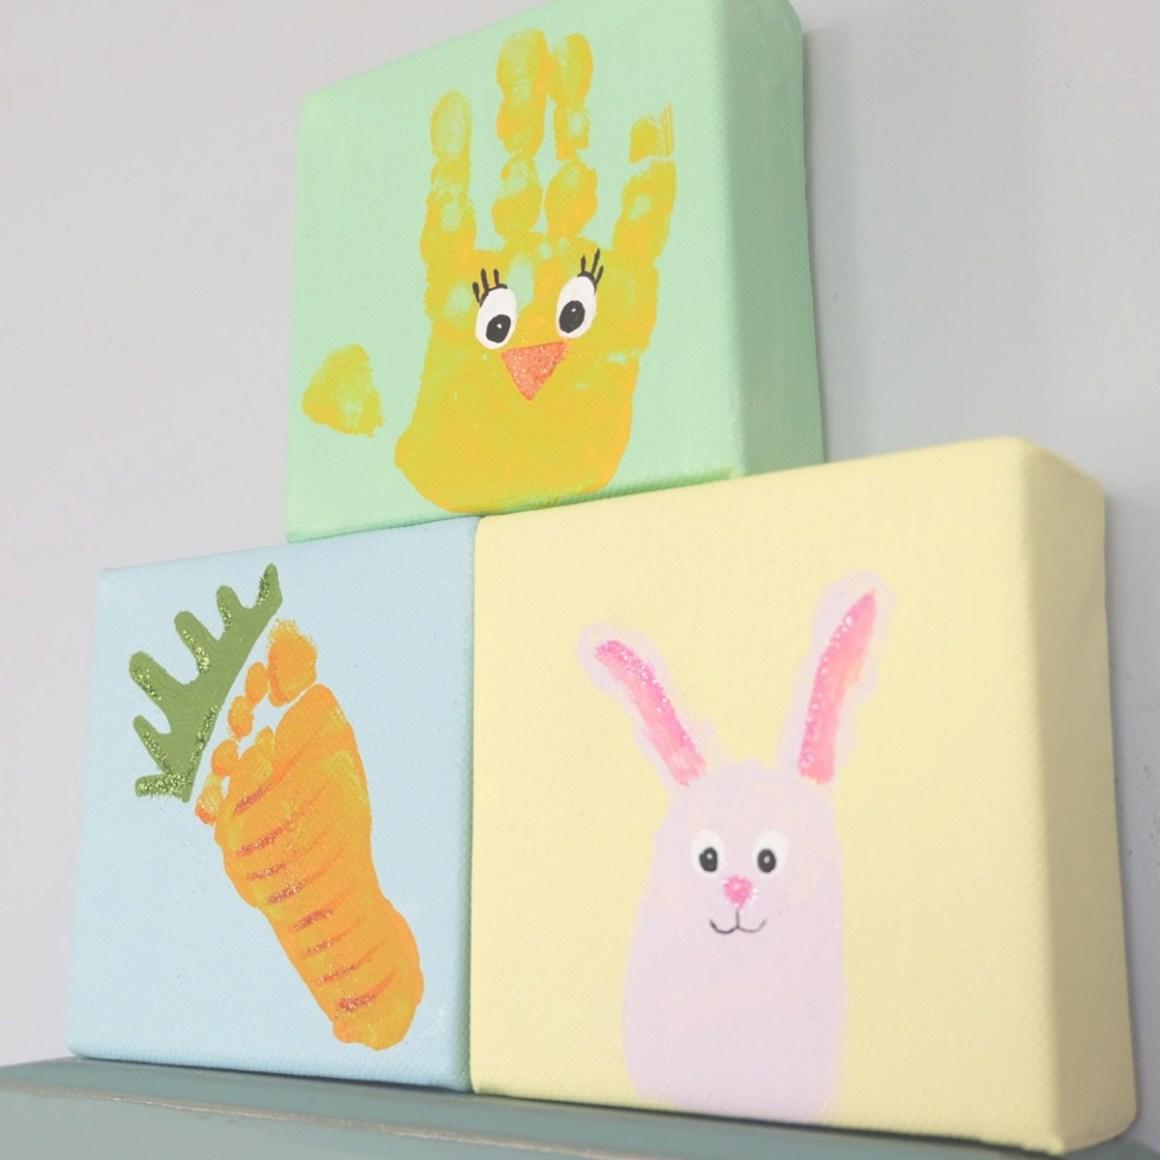 Cute Easter handprint and fingerprint craft idea